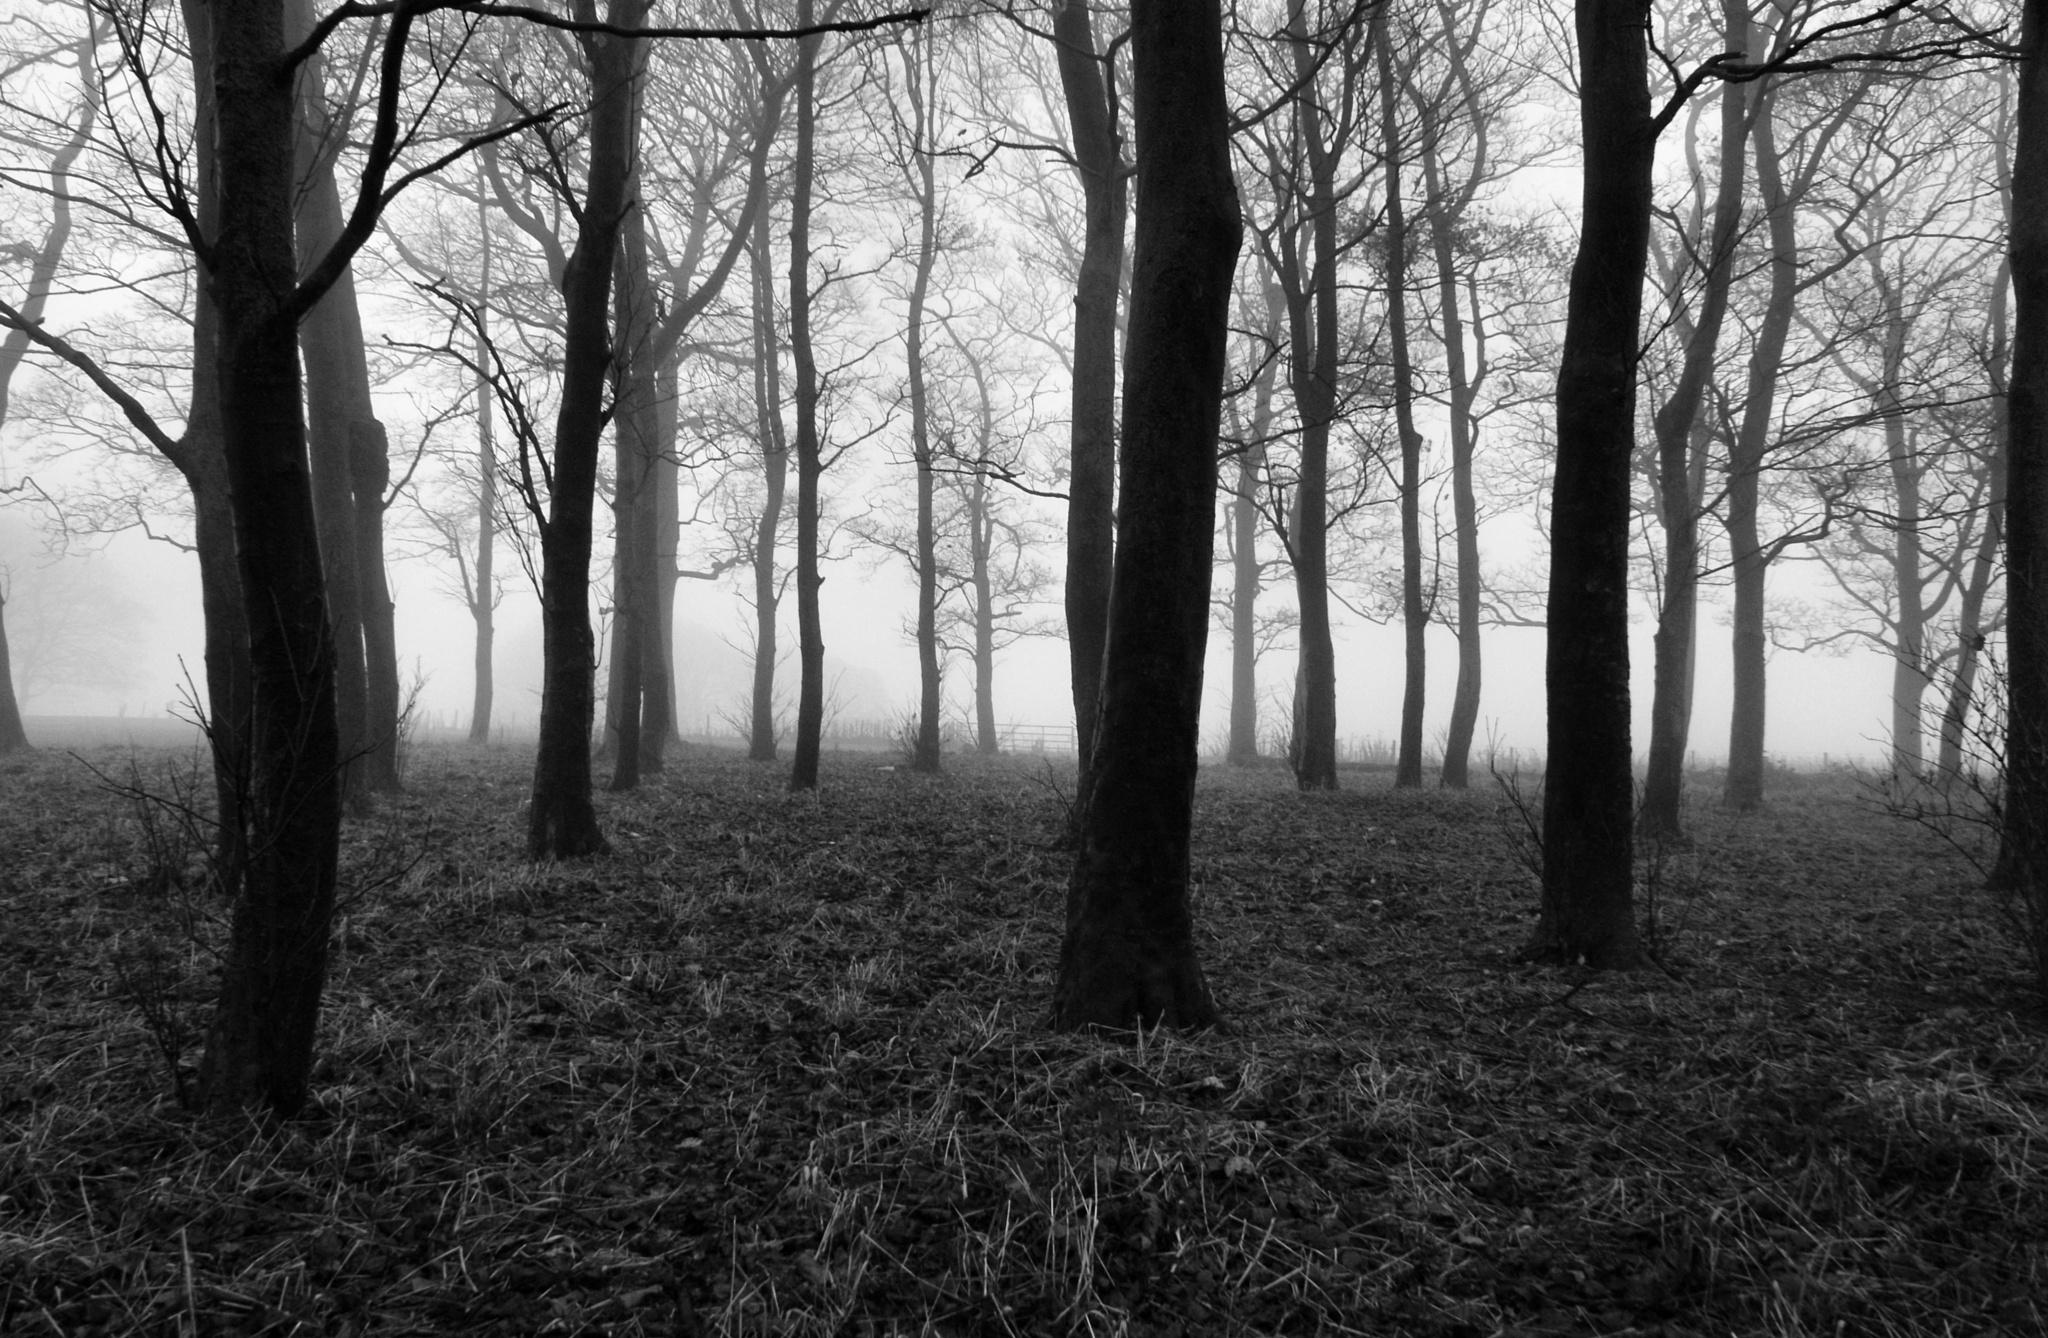 Foggy Trees by DenisJosephDalby